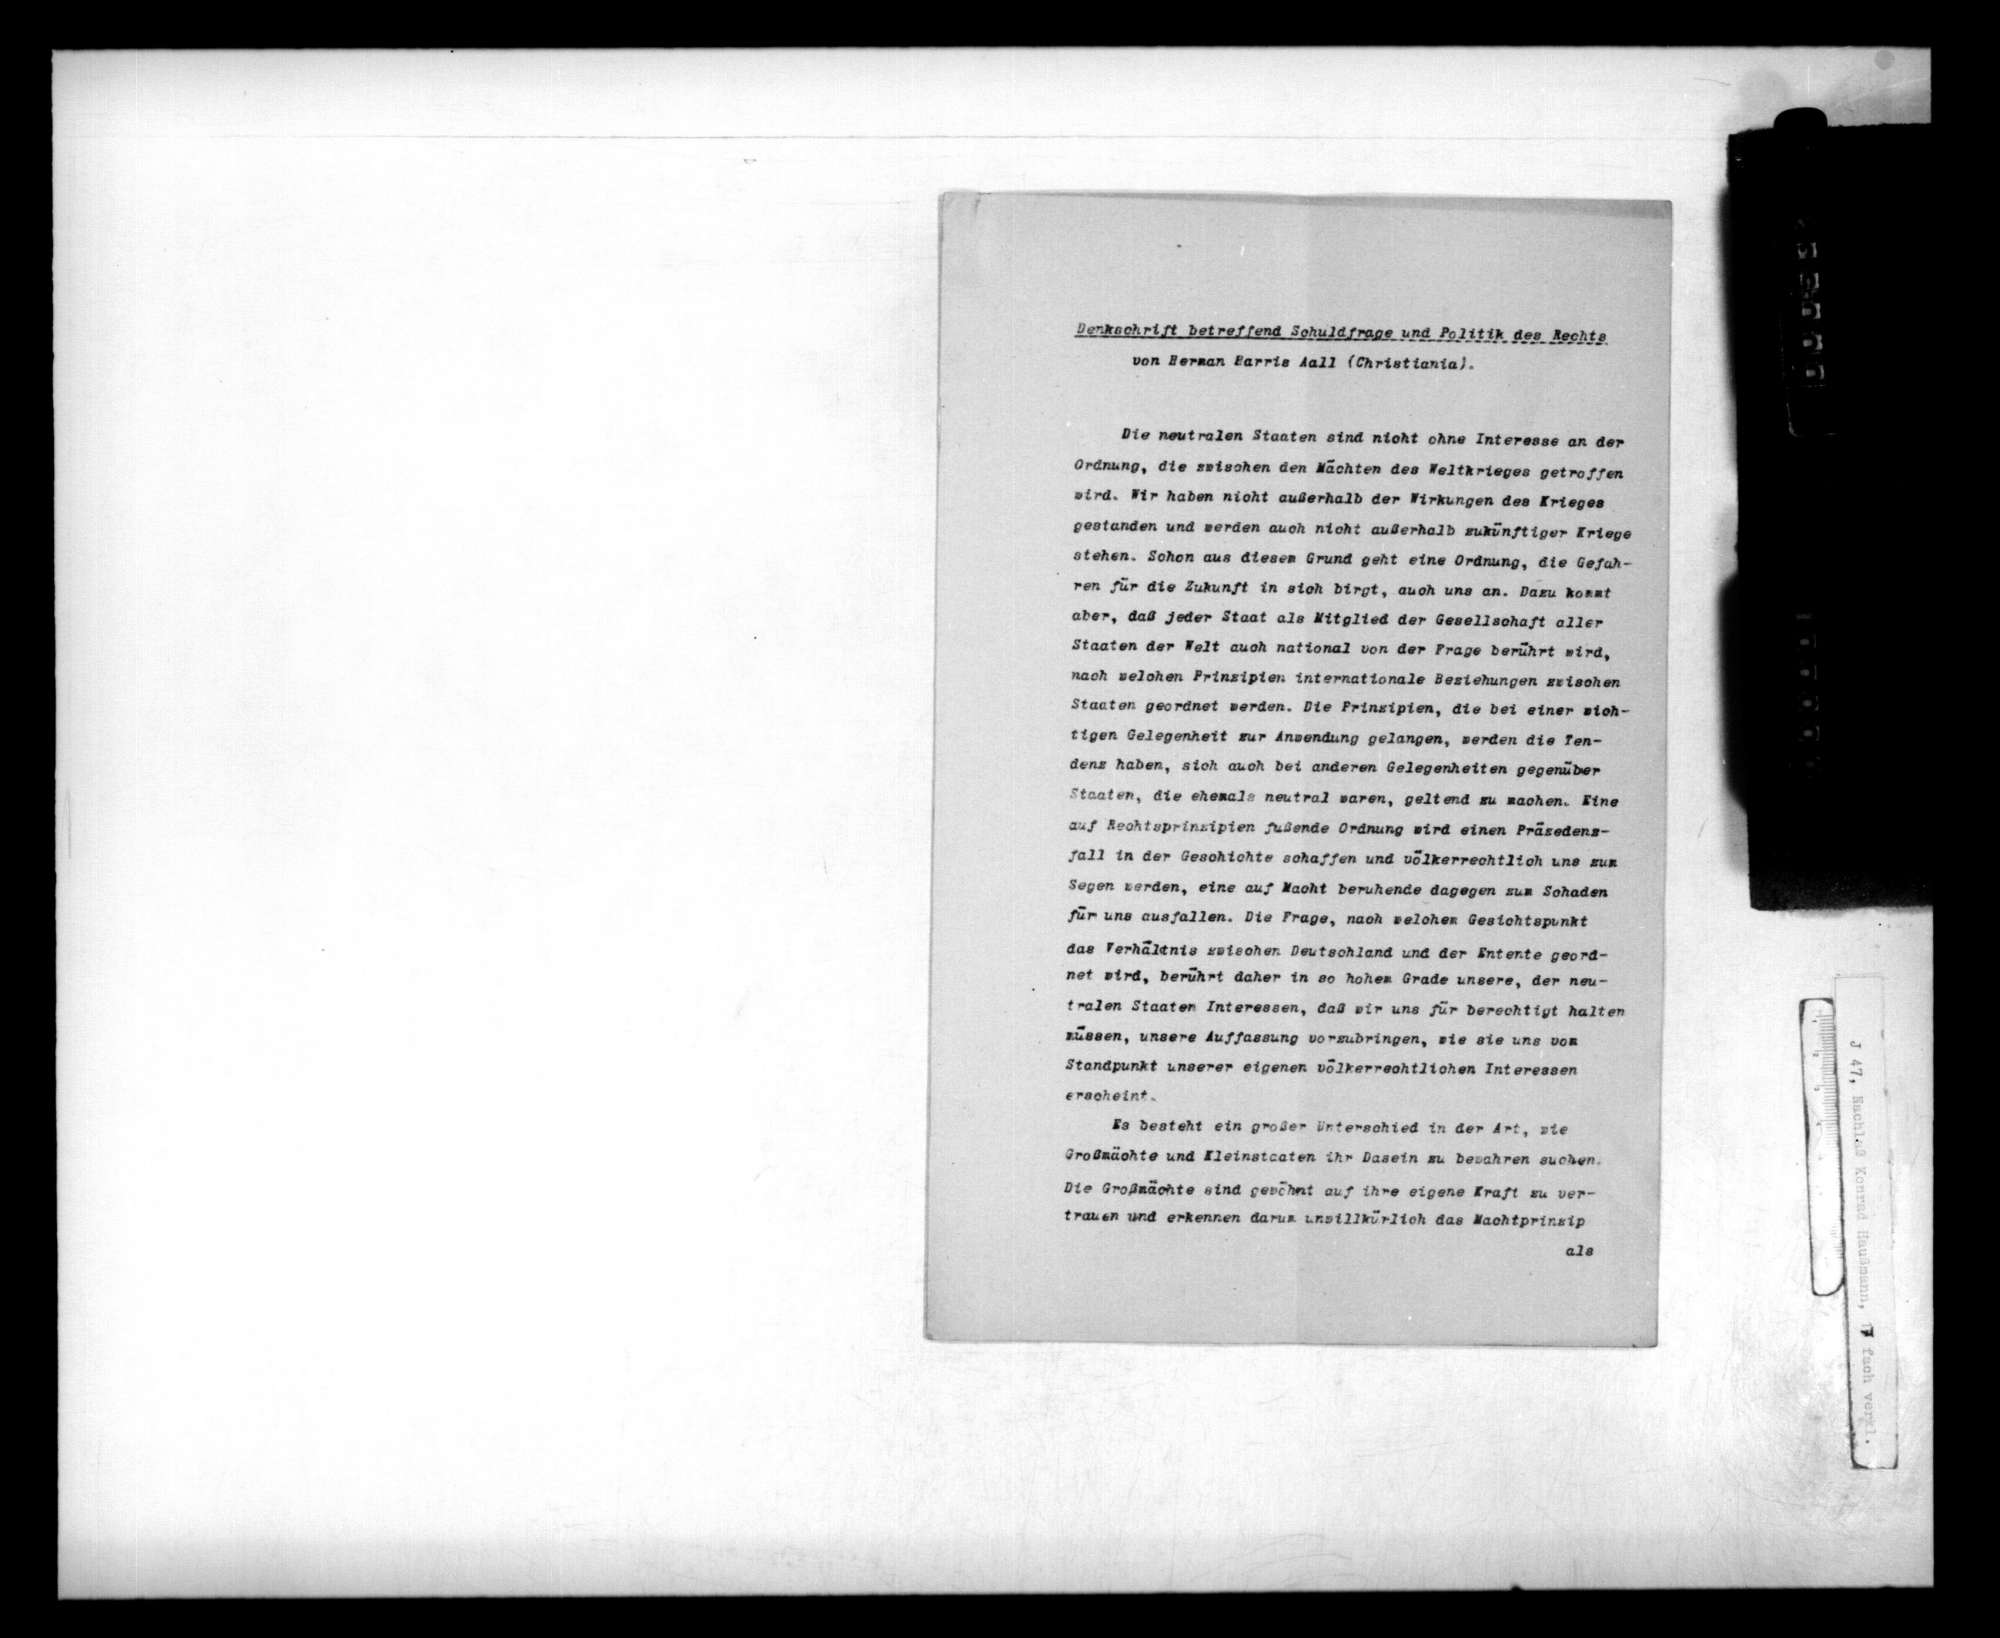 Arbeitsgemeinschaft für Politik des Rechts (Heidelberger Vereinigung), Bild 3